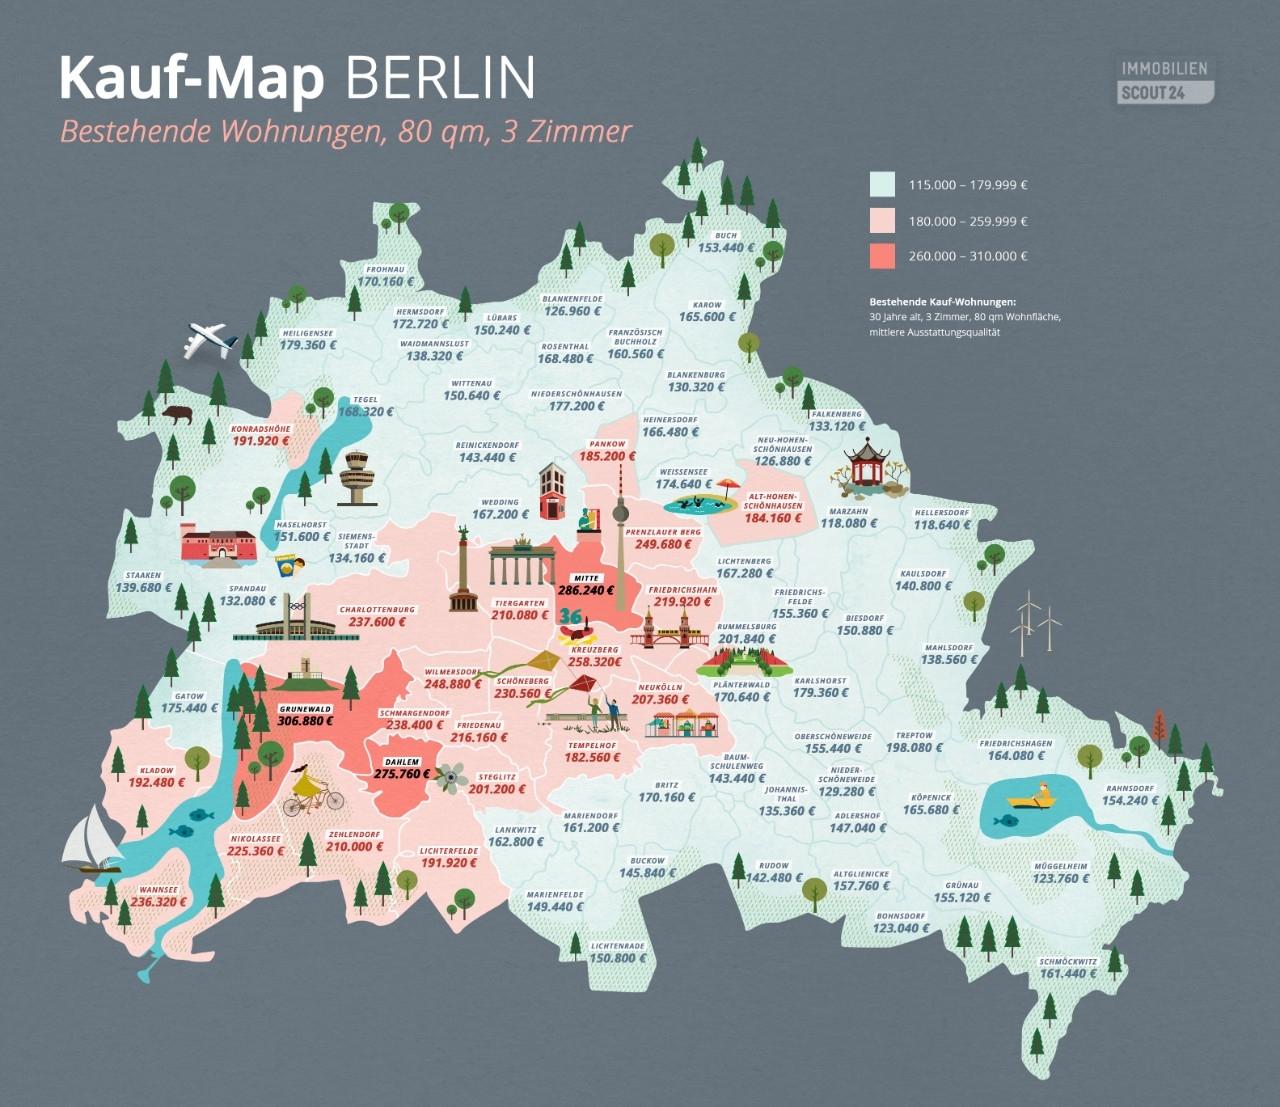 Kauf-map-bestandswohnungen in Kauf-Map Berlin: Wie teuer ist welcher Stadtbezirk?